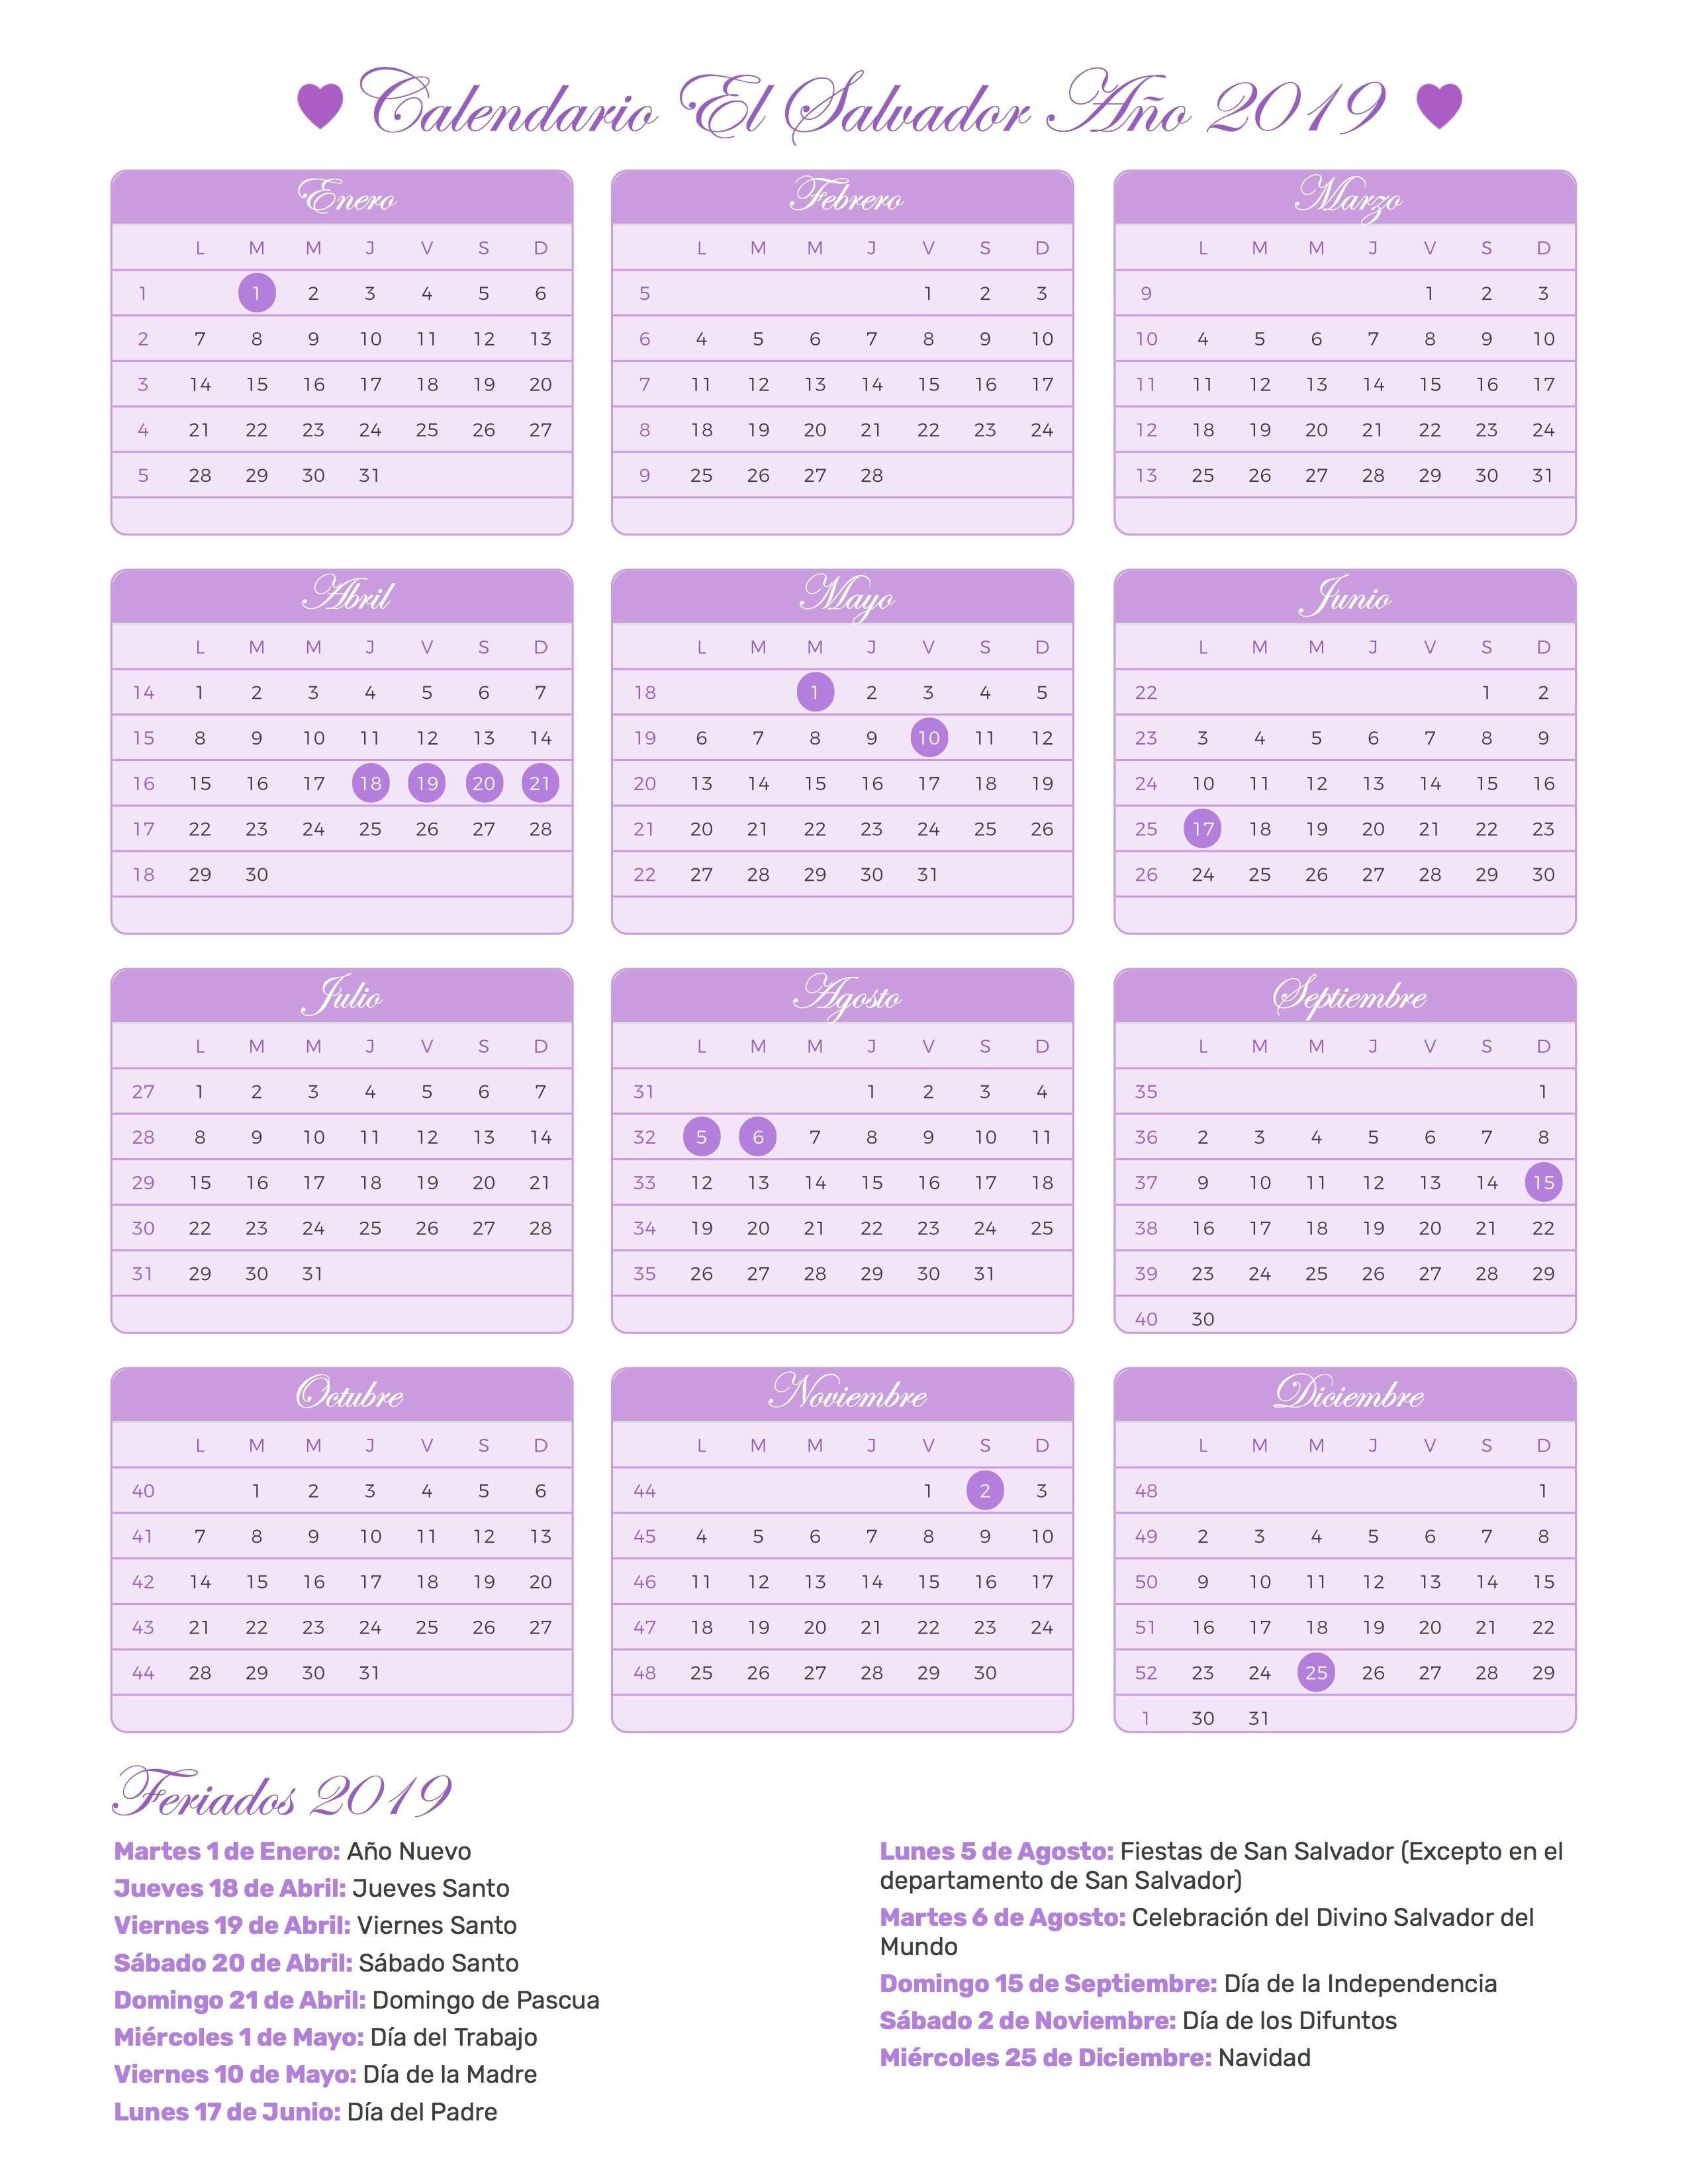 Calendario 2019 Con Feriados Puentes Para Imprimir Más Reciente Festivos 2019 Calendario Liturgico Catolico Of Calendario 2019 Con Feriados Puentes Para Imprimir Más Caliente Centro Ercial L Aljub